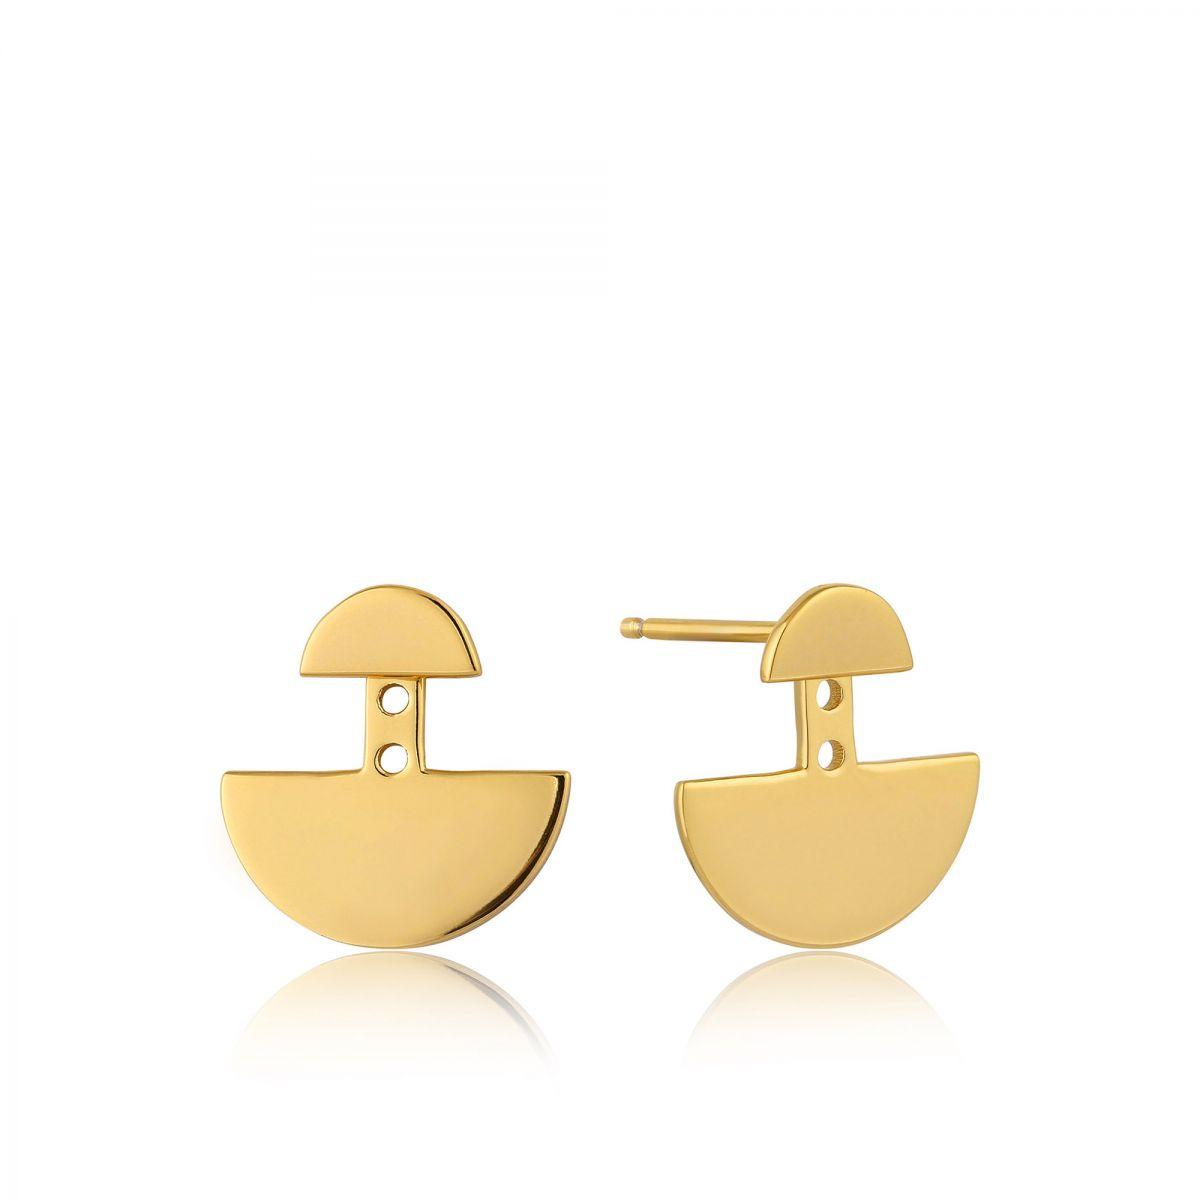 Ear jackets geometry in 925Silber vergoldet E005-04G